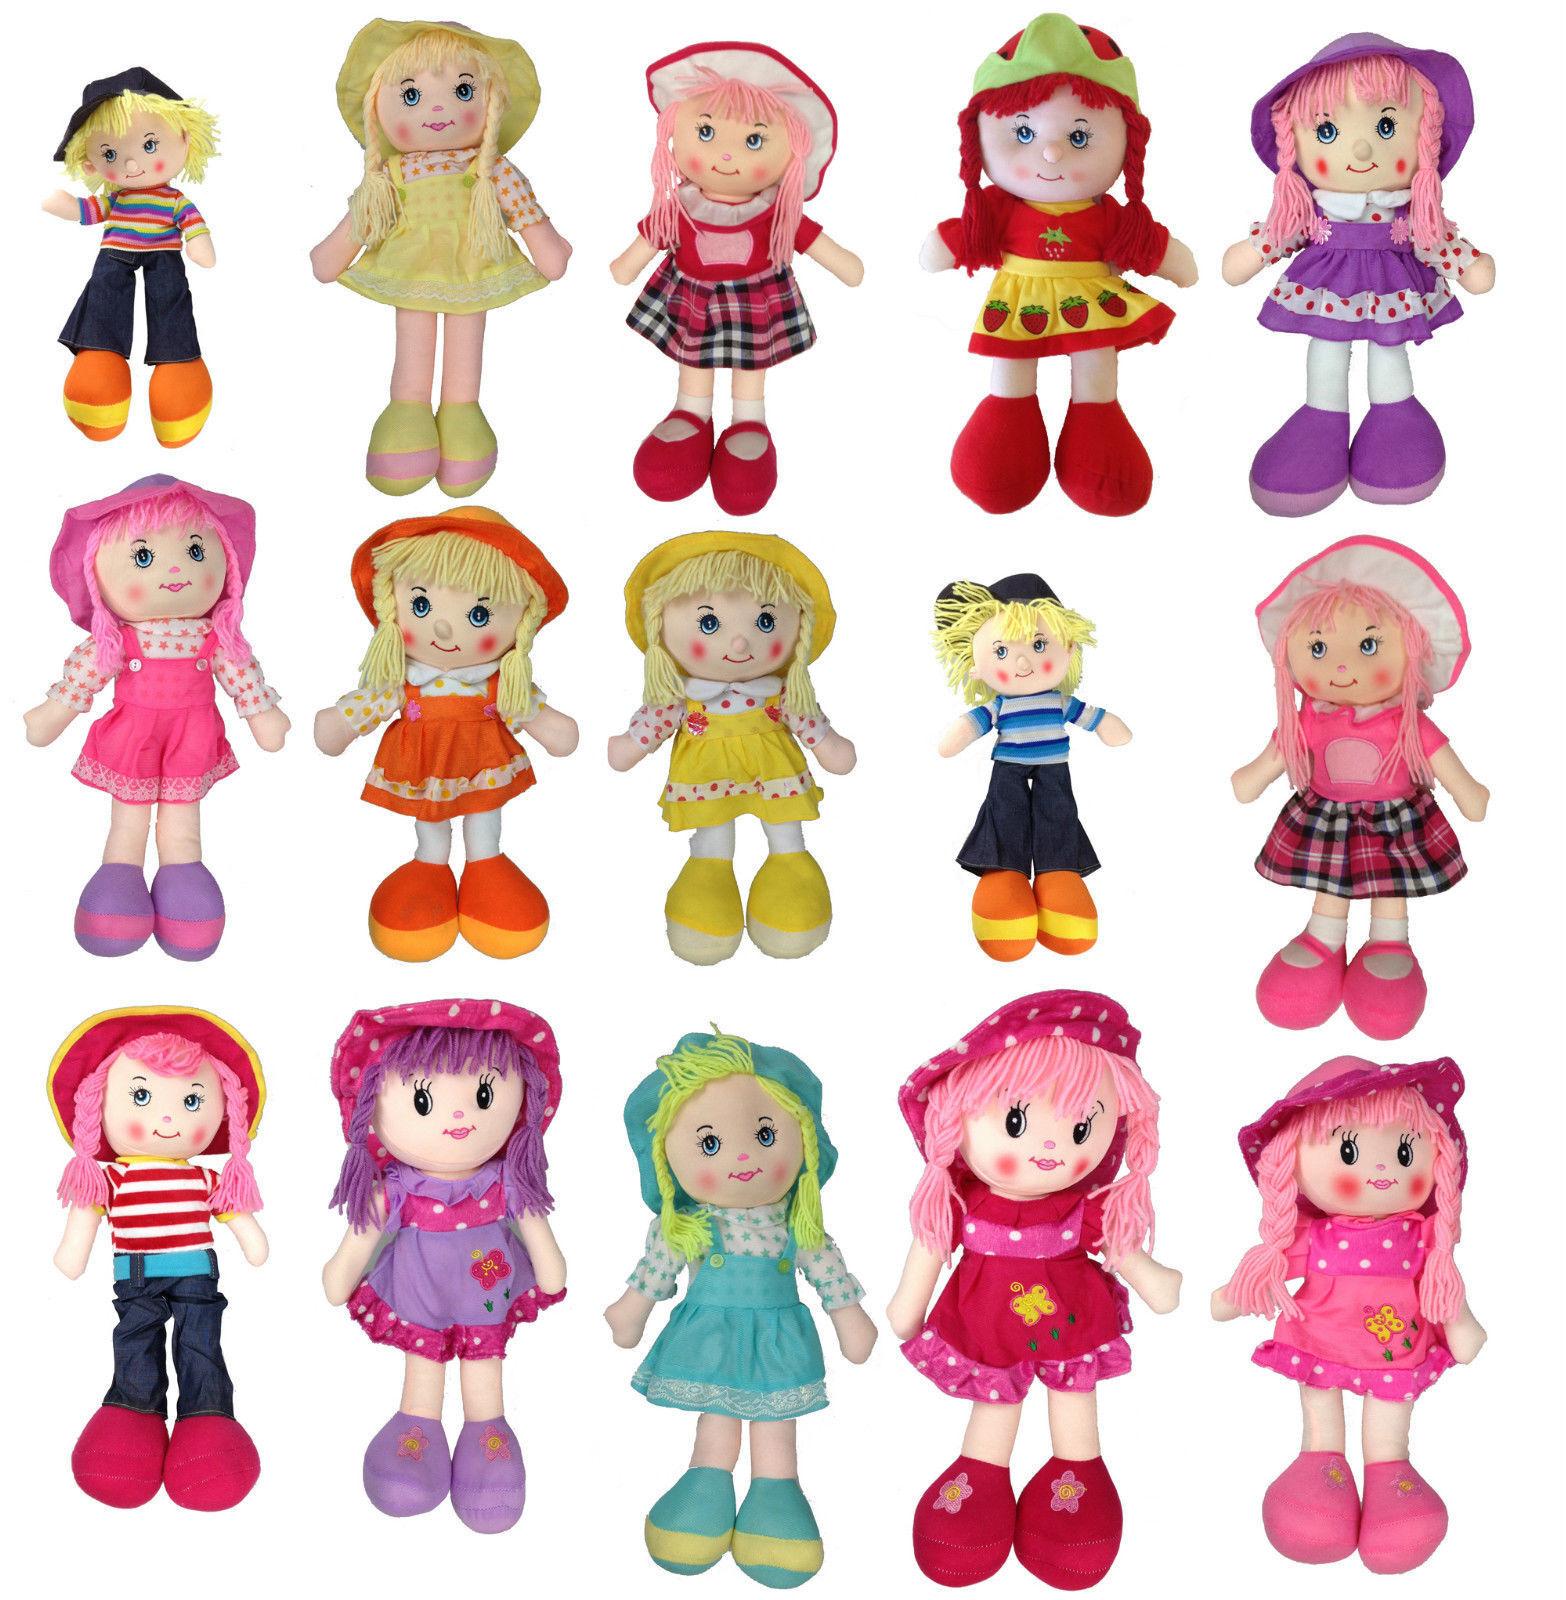 Puppe 40 cm Safinaz Weichpuppe Stoffpuppe Schlenkerpuppe 30 verschiedene Design